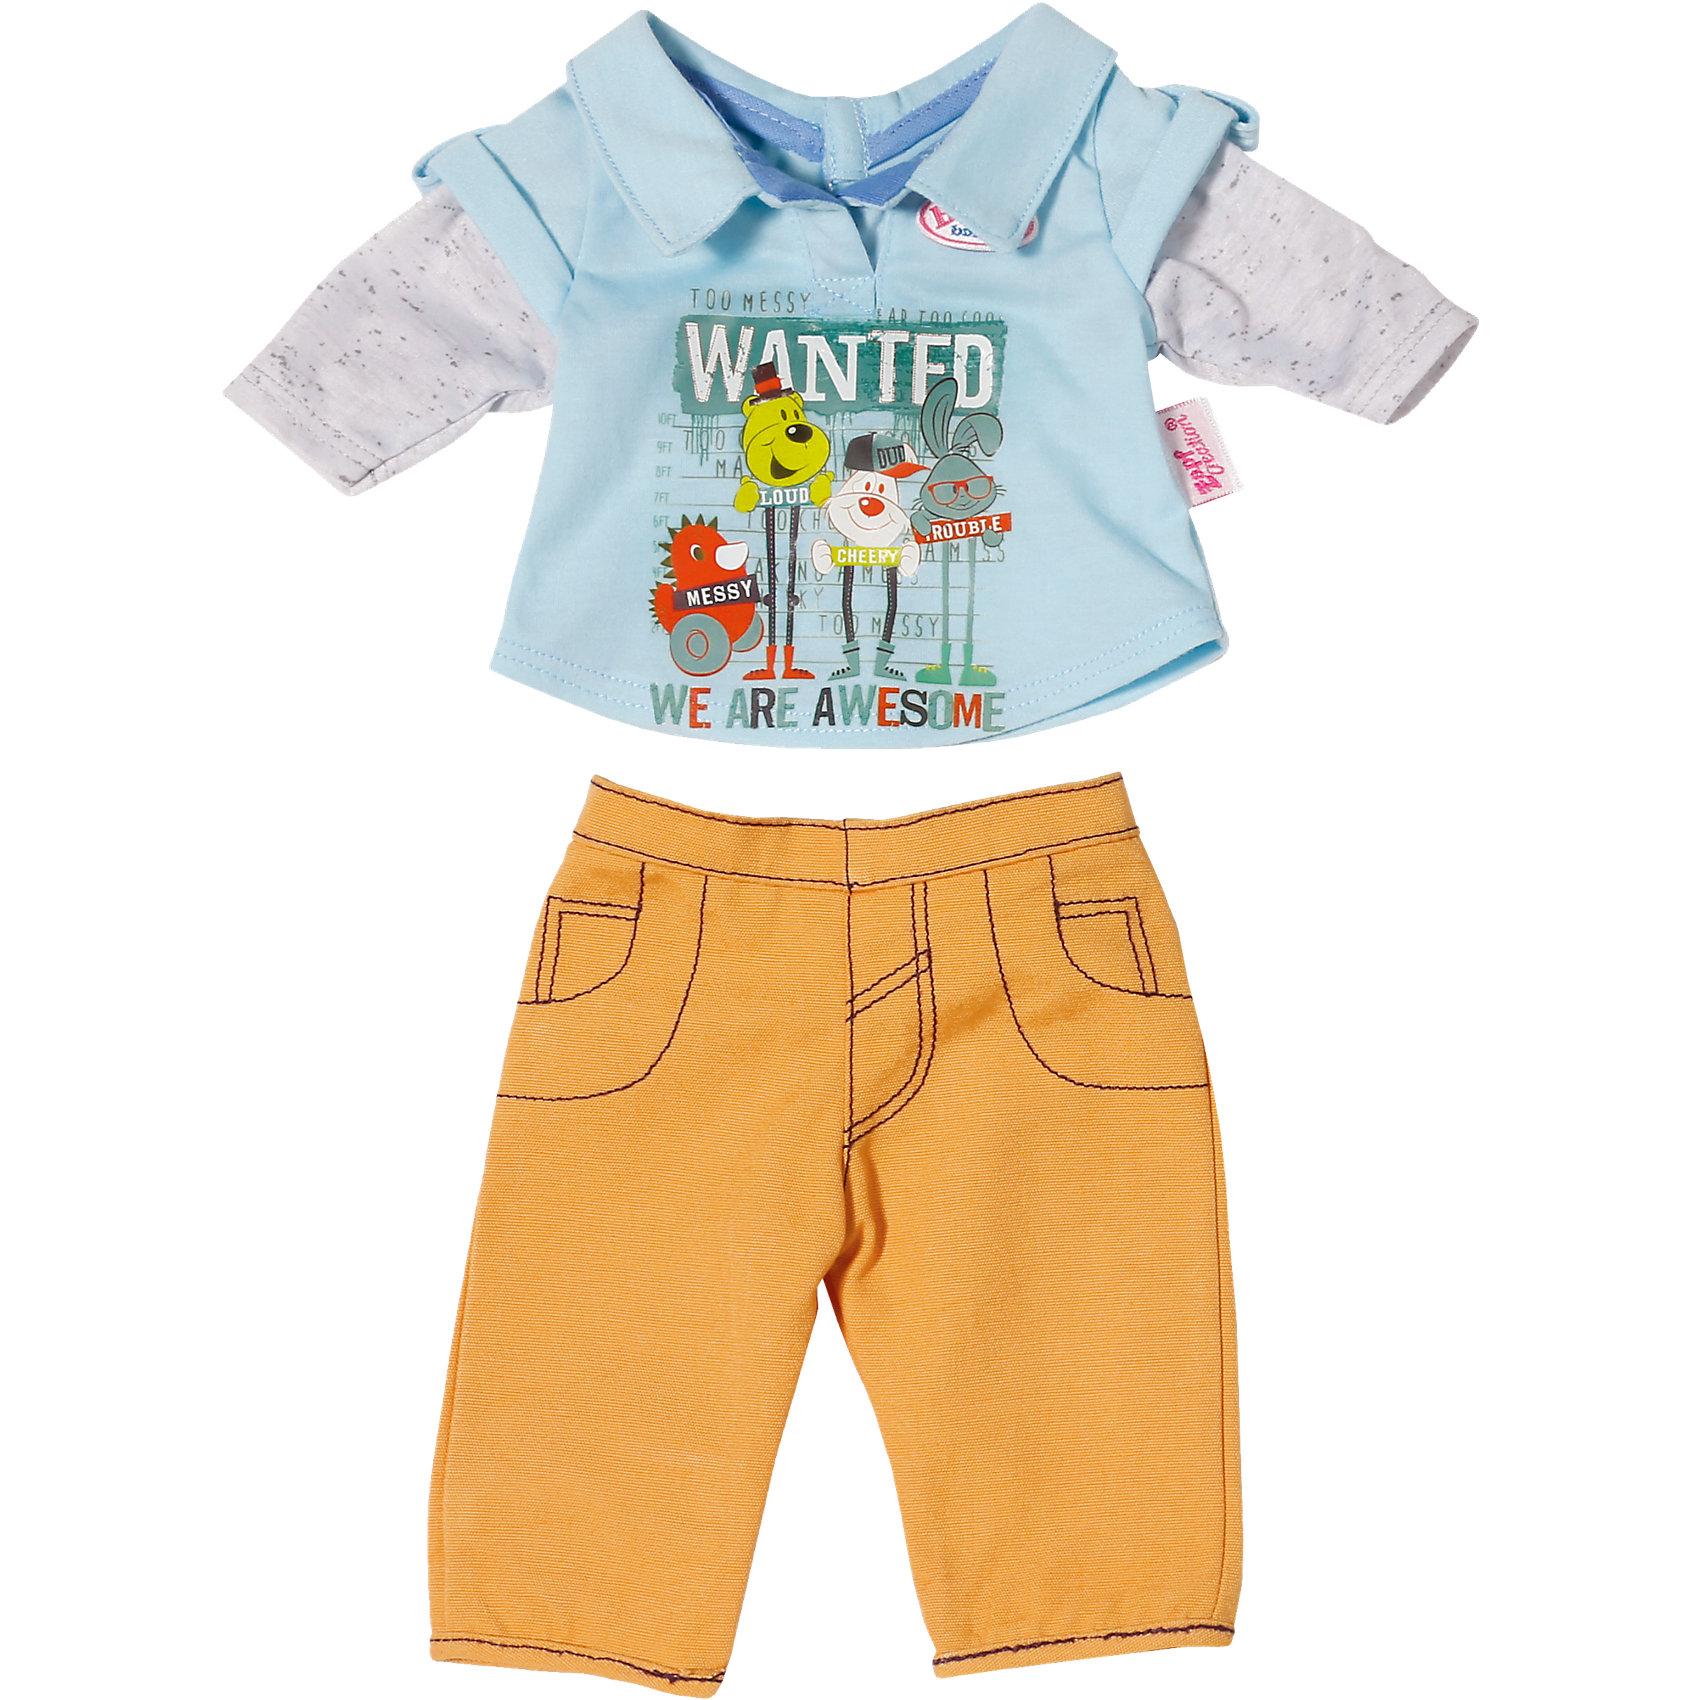 Одежда стильная для мальчика, оранжевые штаны, BABY bornКукольная одежда и аксессуары<br>Характеристики товара:<br><br>• возраст от 3 лет;<br>• материал: текстиль;<br>• в комплекте: кофта, штаны; <br>• размер упаковки 19х15х4 см;<br>• страна производитель: Китай.<br><br>Одежда стильная для мальчика Baby Born дополнит гардероб пупса Baby Born от Zapf Creation. Комплект состоит из оранжевых брюк и голубой футболки с рисунками. Одежда выполнена из качественных материалов. <br><br>Одежду стильную для мальчика Baby Born можно приобрести в нашем интернет-магазине.<br><br>Ширина мм: 193<br>Глубина мм: 53<br>Высота мм: 50<br>Вес г: 124<br>Возраст от месяцев: 36<br>Возраст до месяцев: 60<br>Пол: Женский<br>Возраст: Детский<br>SKU: 4319382